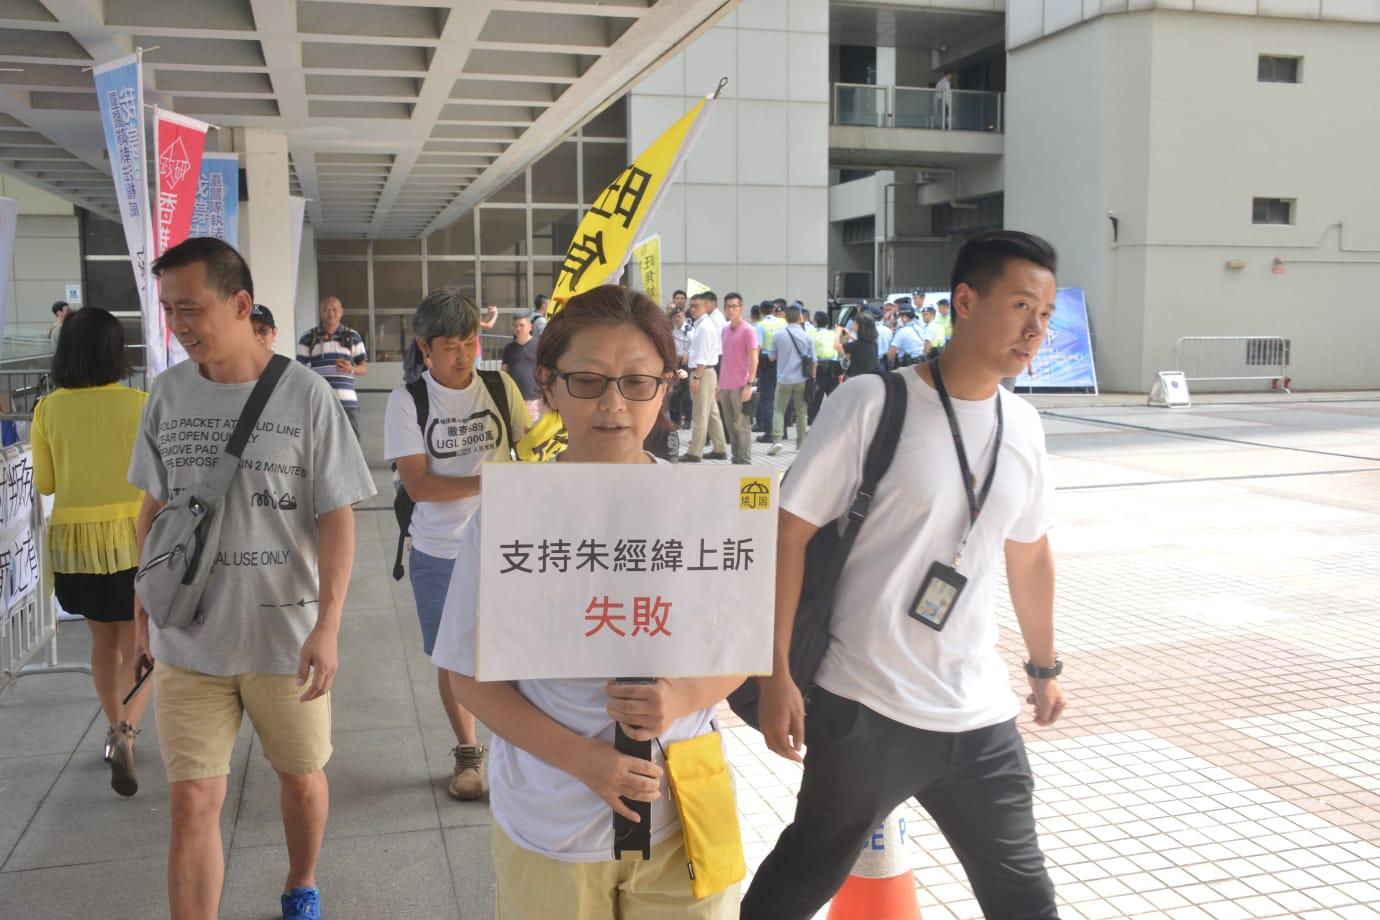 有反對朱經緯的公眾人士在高院門外現身。